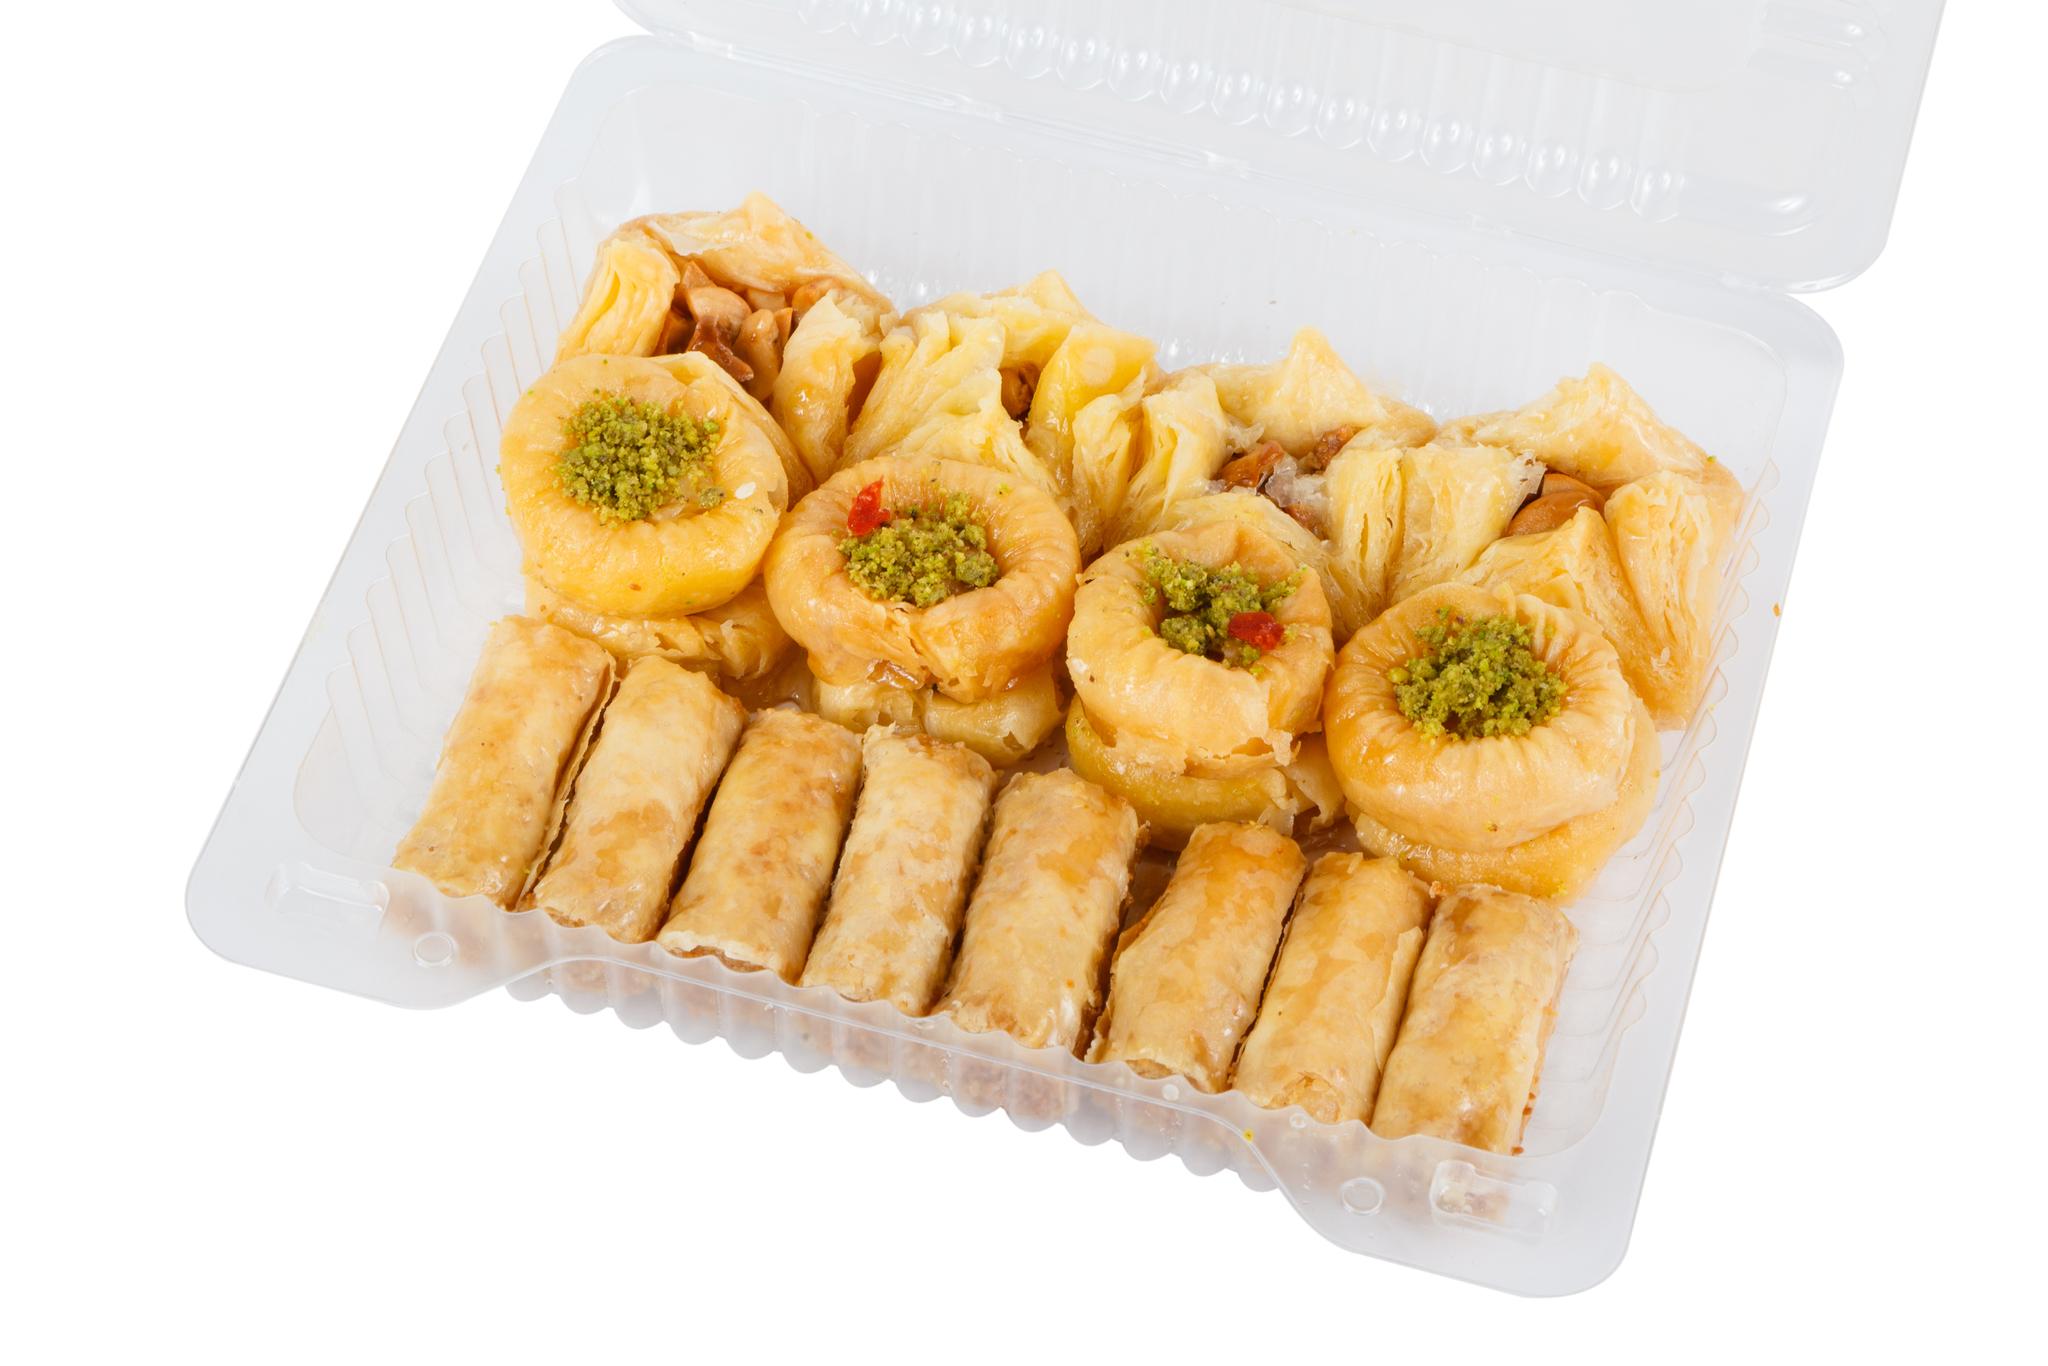 """Pate D'or Пахлава - Ассорти ливанских сладостей """"Арвад"""", 250 г import_files_6f_6f5dd3bb787e11e799f3606c664b1de1_226777f0ae6c11e7b011fcaa1488e48f.jpg"""